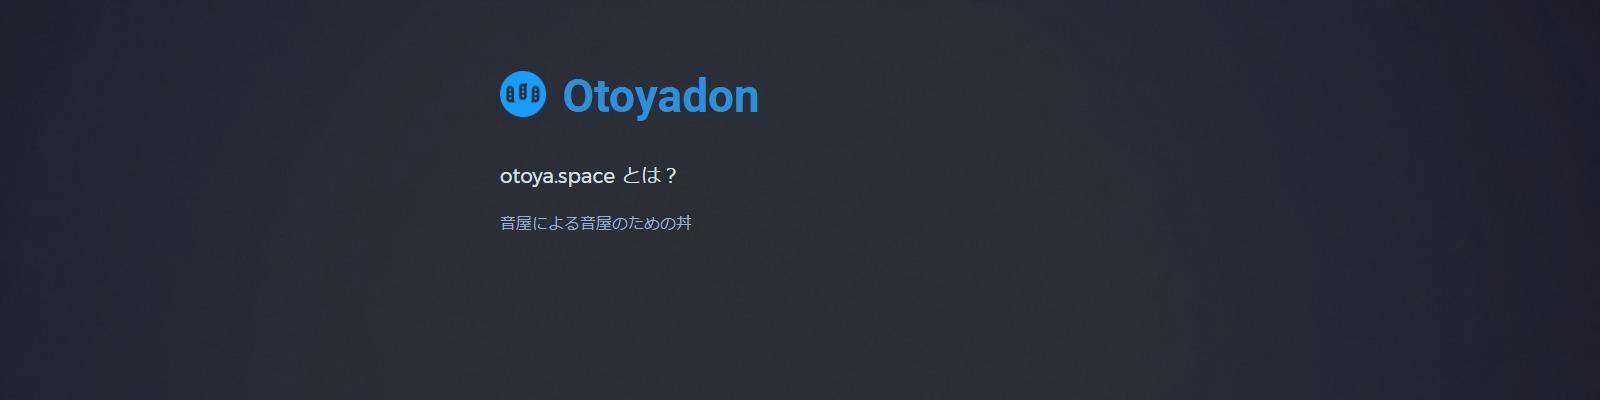 Otoyadon